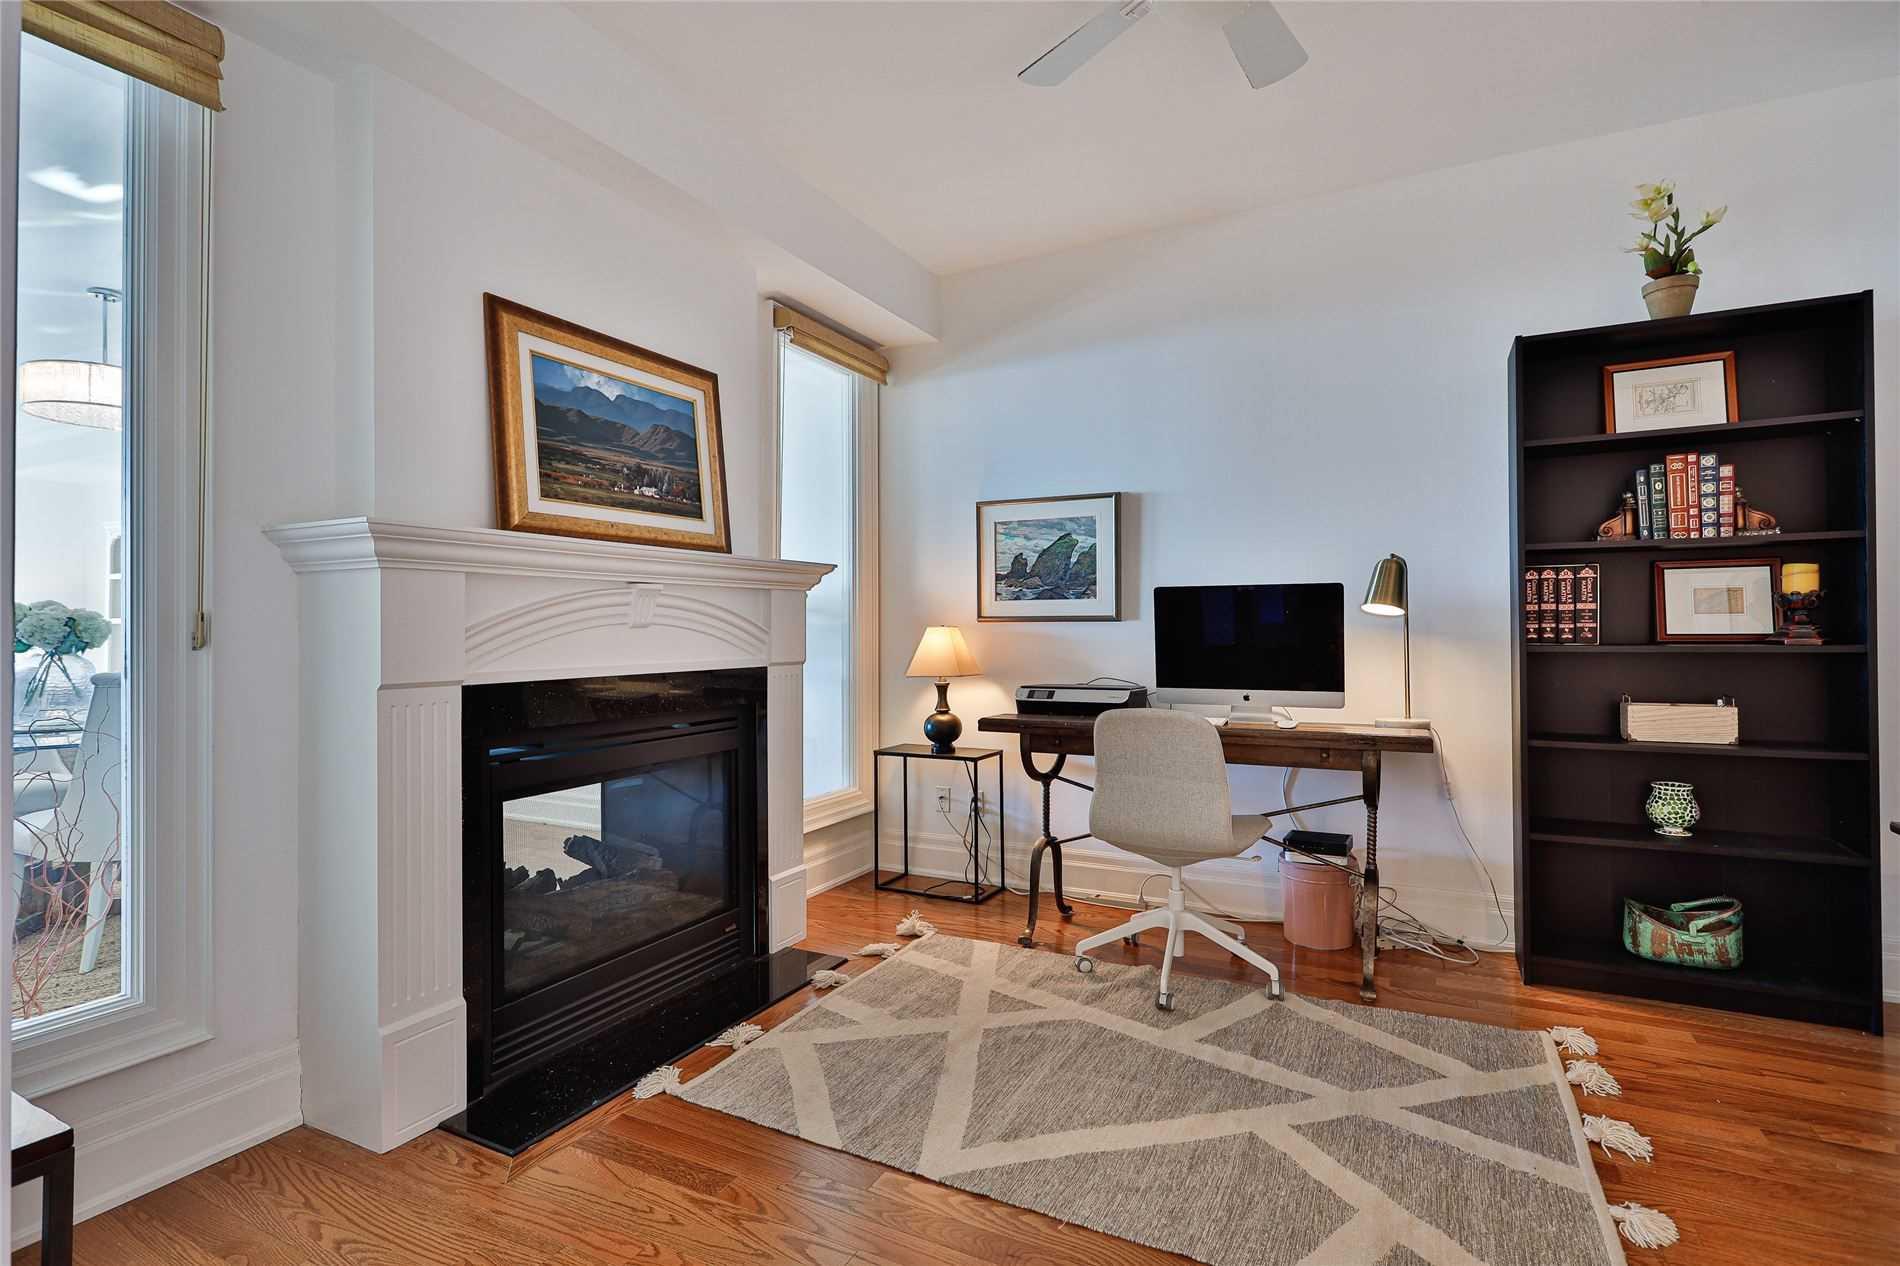 317 - 2095 Lake Shore Blvd W - Mimico Condo Apt for sale, 2 Bedrooms (W5369727) - #18